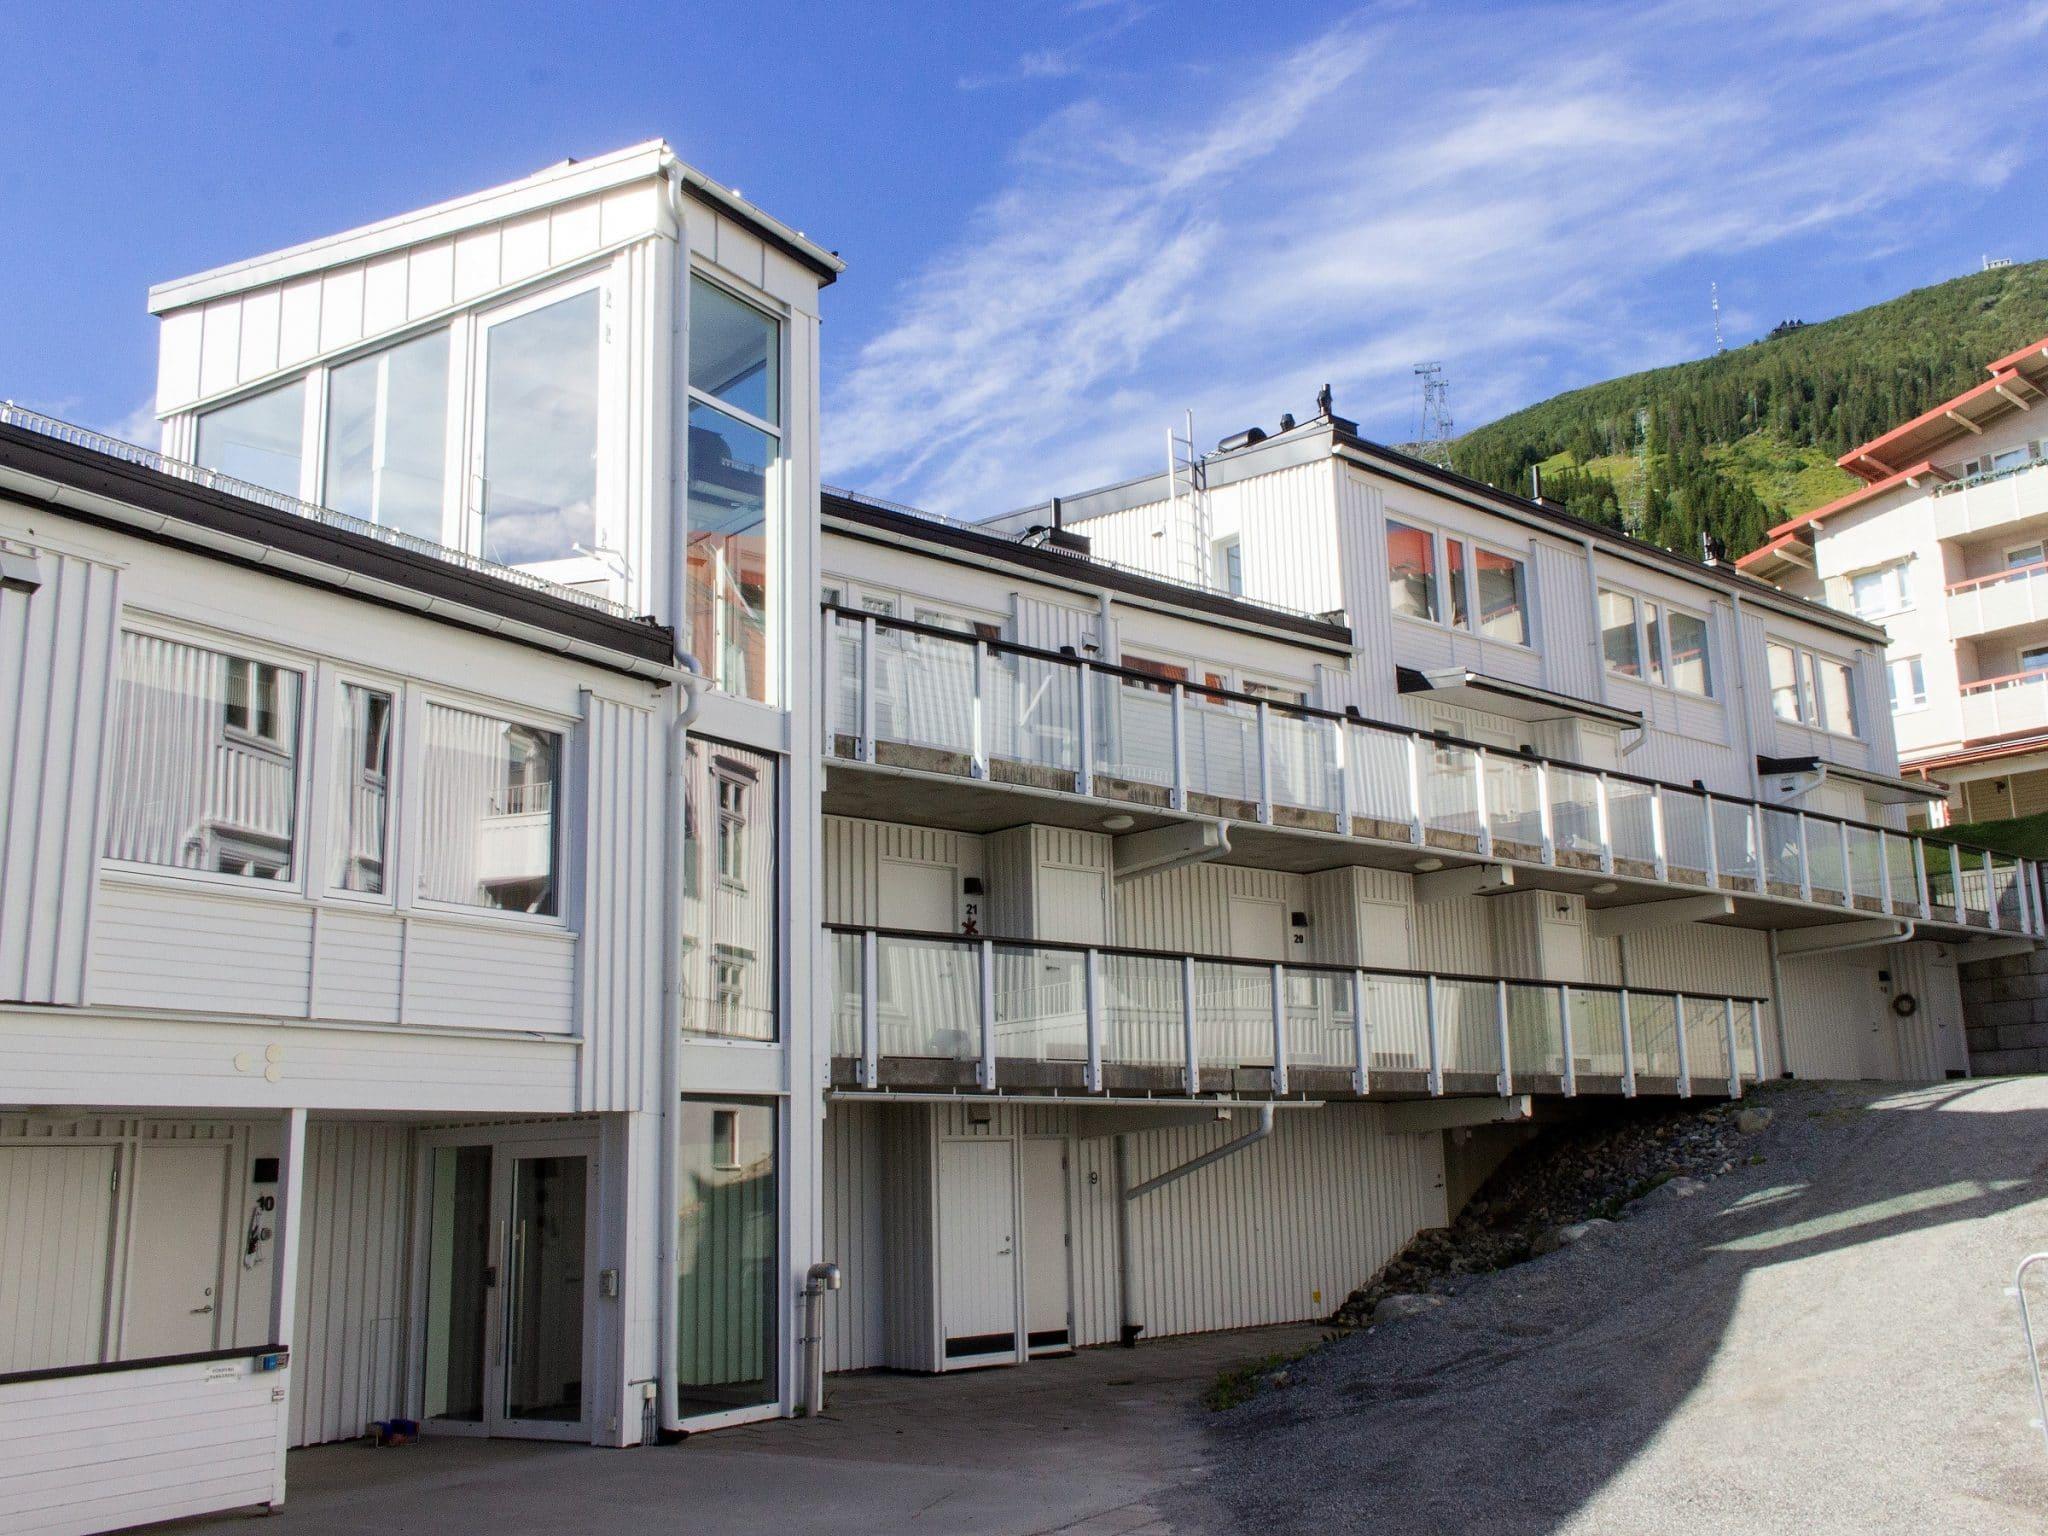 Sommarbild på Sporthotellet 2 i Åre